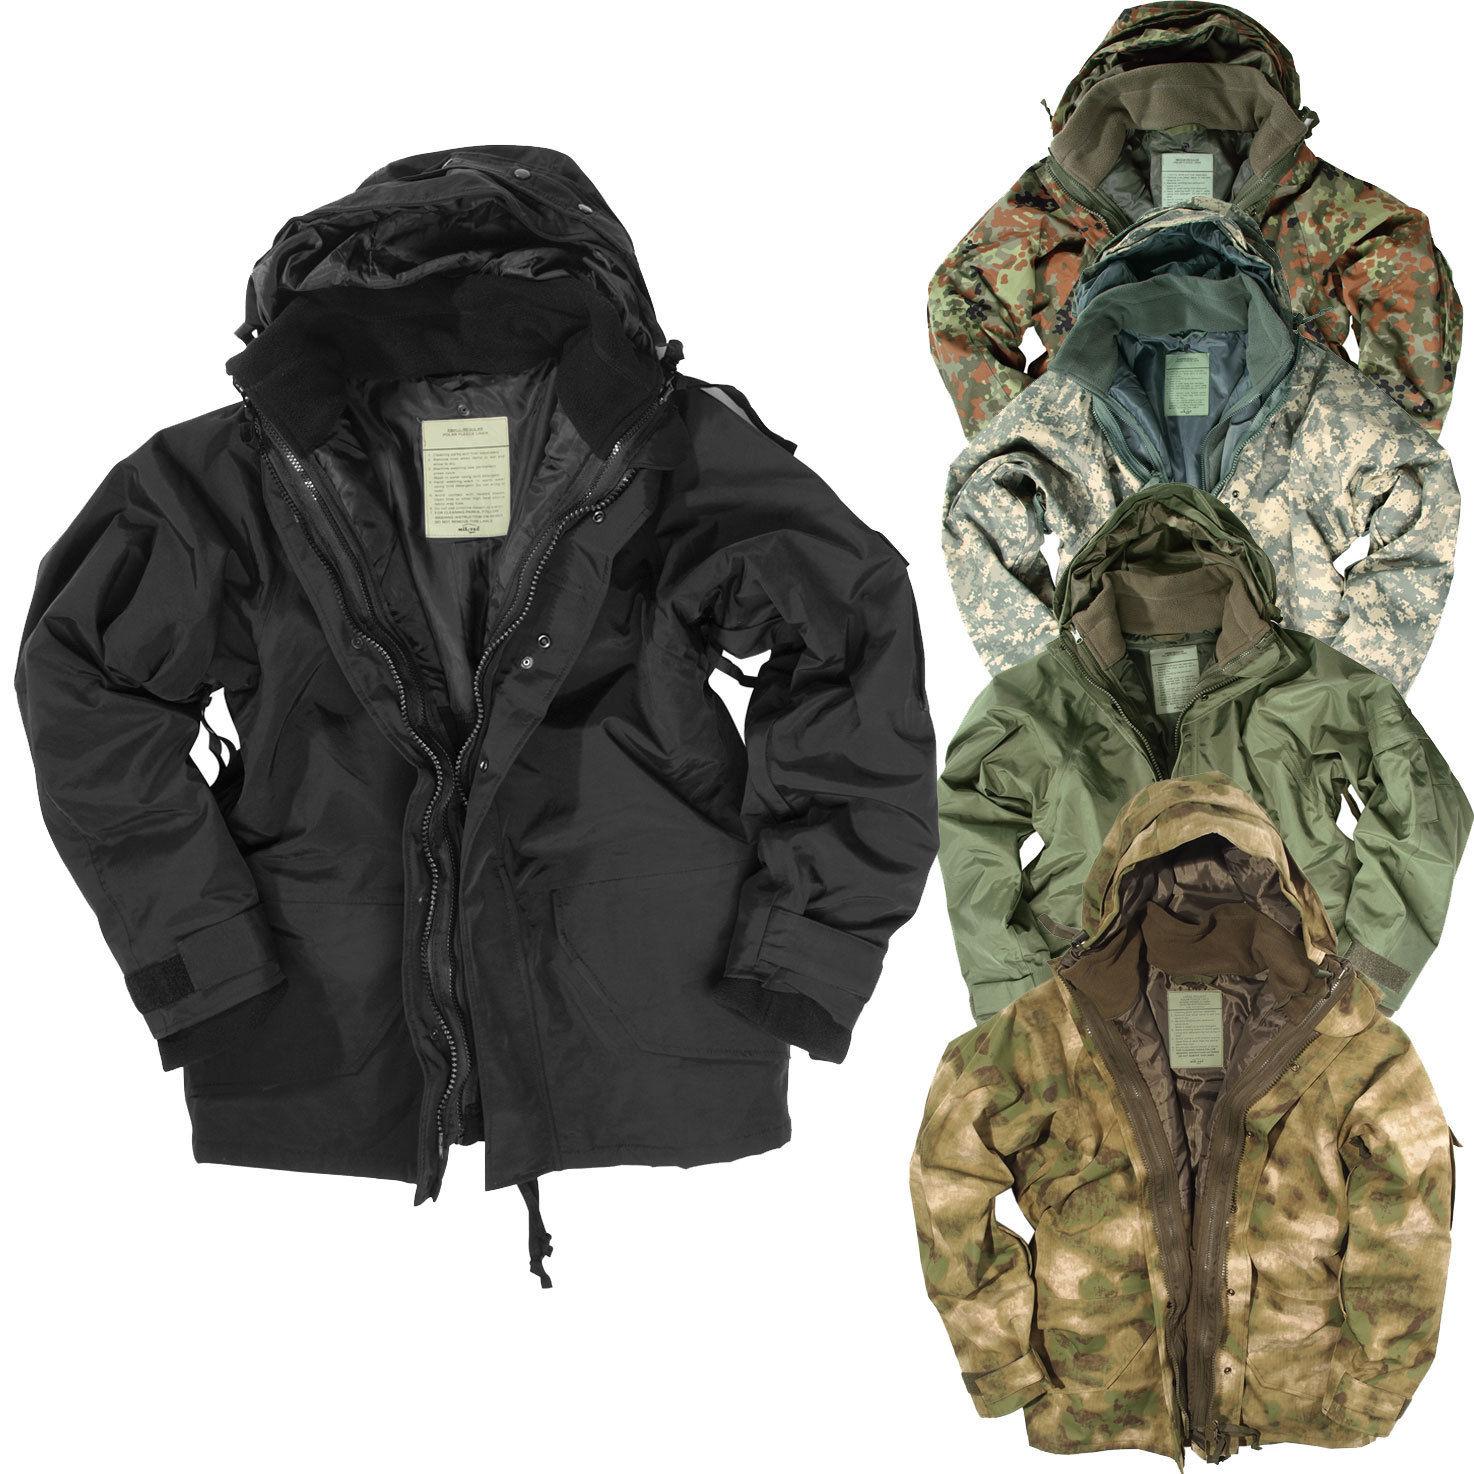 Protecci n humedad chaqueta con polar s s 3xl us army - Contra la humedad ...